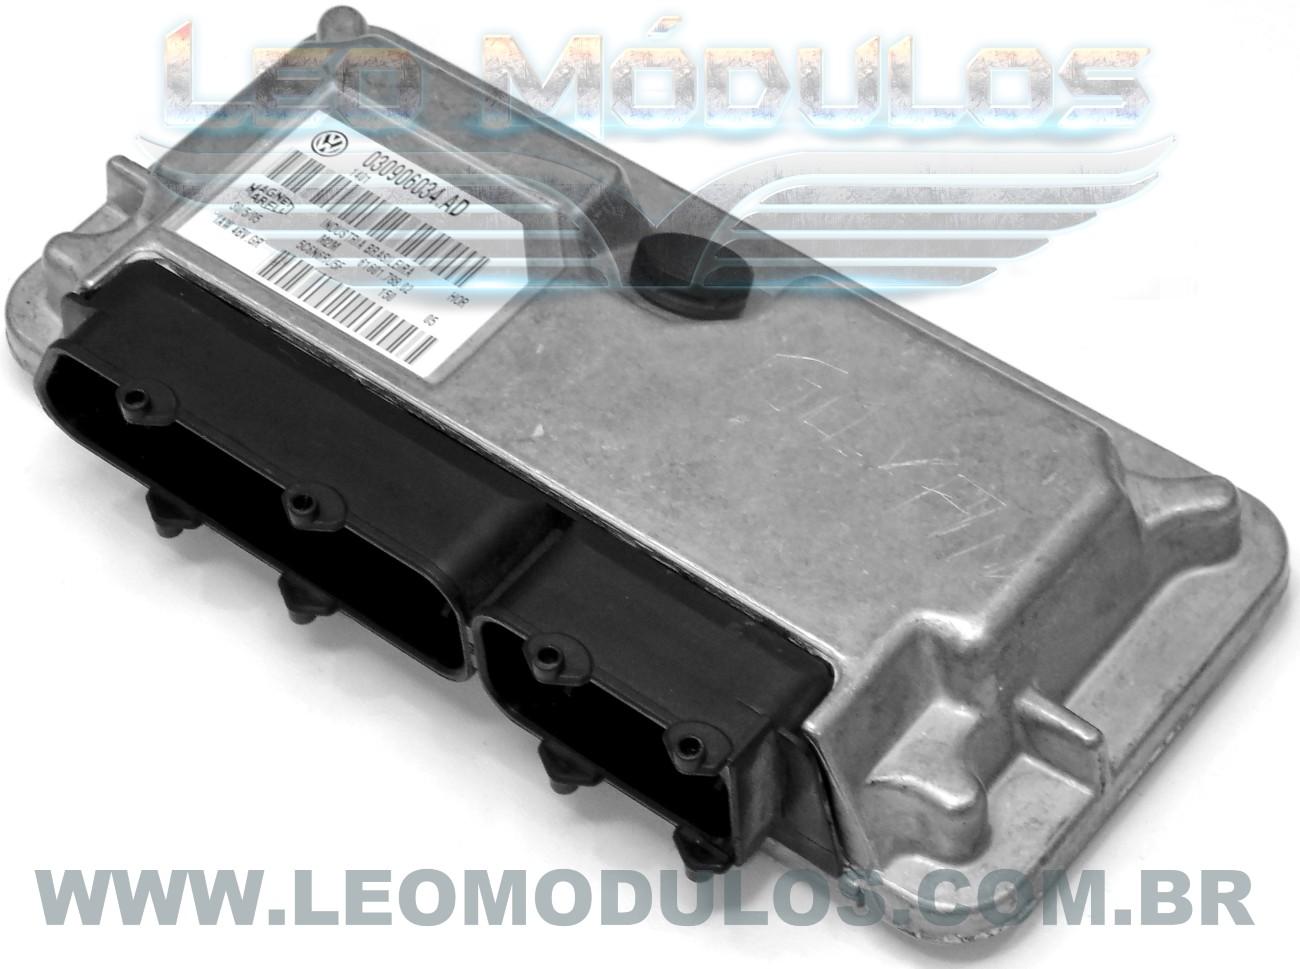 Módulo de injeção marelli - IAW 4BV.GR 030906034AD - Gol 1.0 8V - 030906034.AD IAW 4BVGR - Leo Módulos